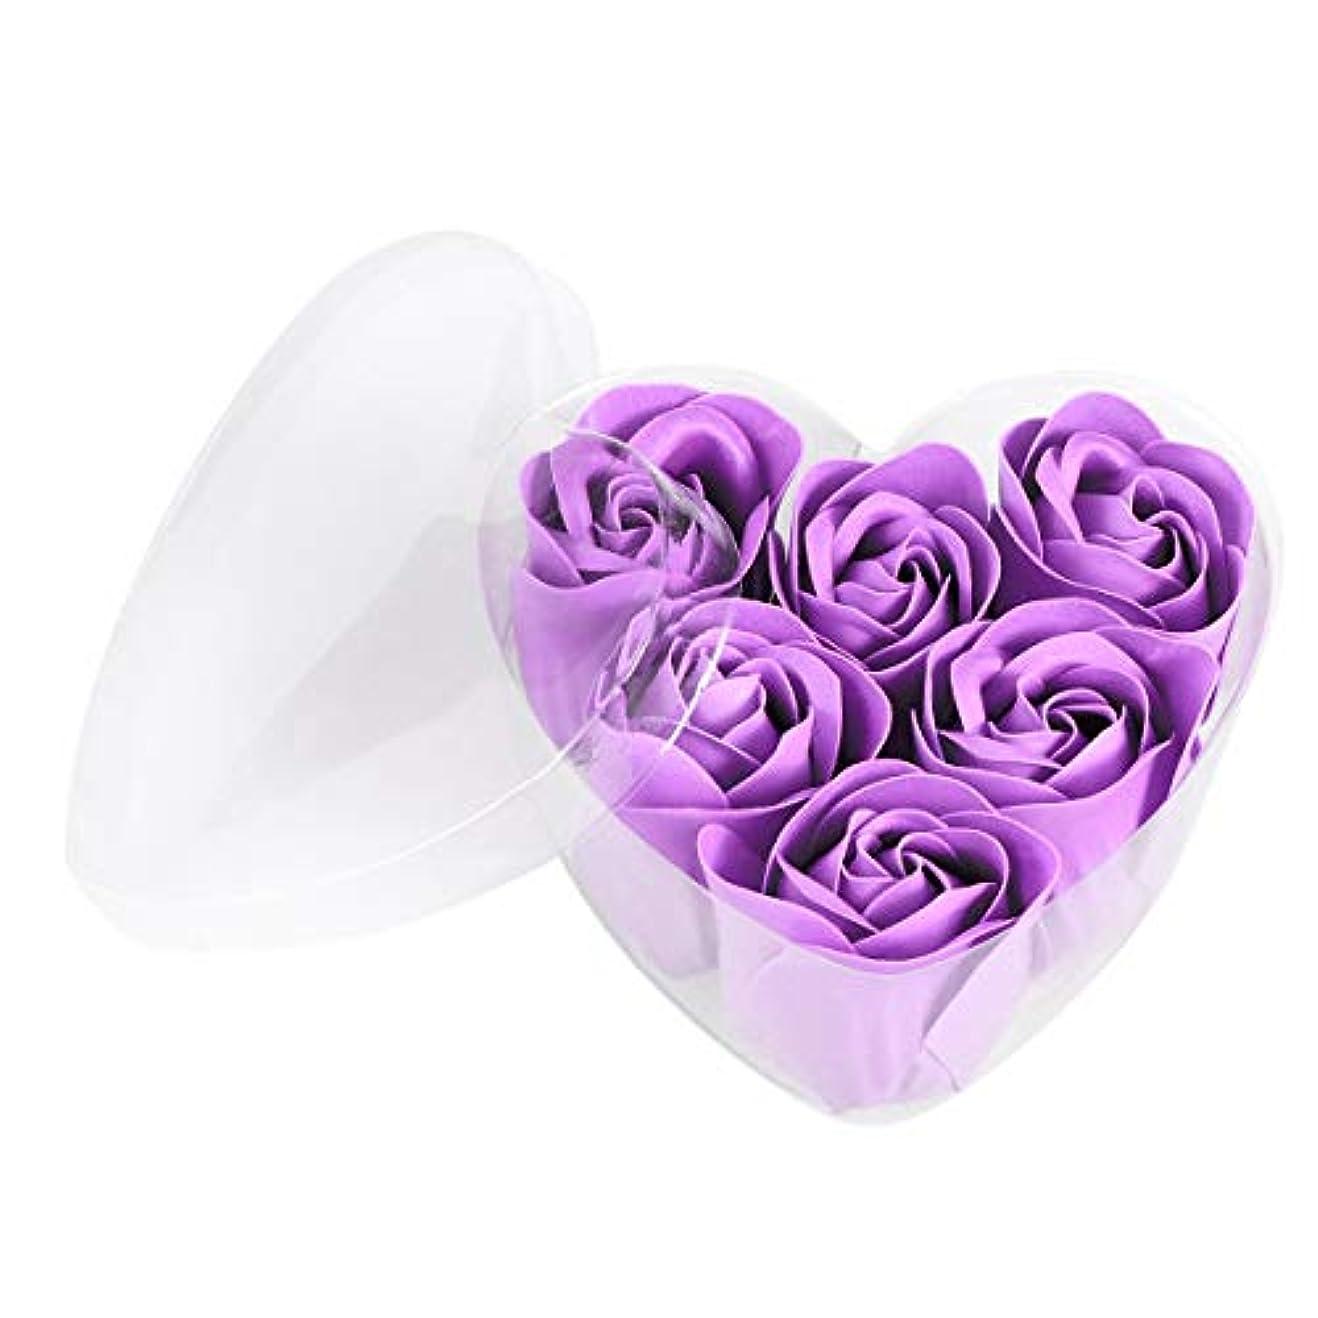 すでにめ言葉船形Beaupretty 6本シミュレーションローズソープハート型フラワーソープギフトボックス結婚式の誕生日Valentin's Day(紫)